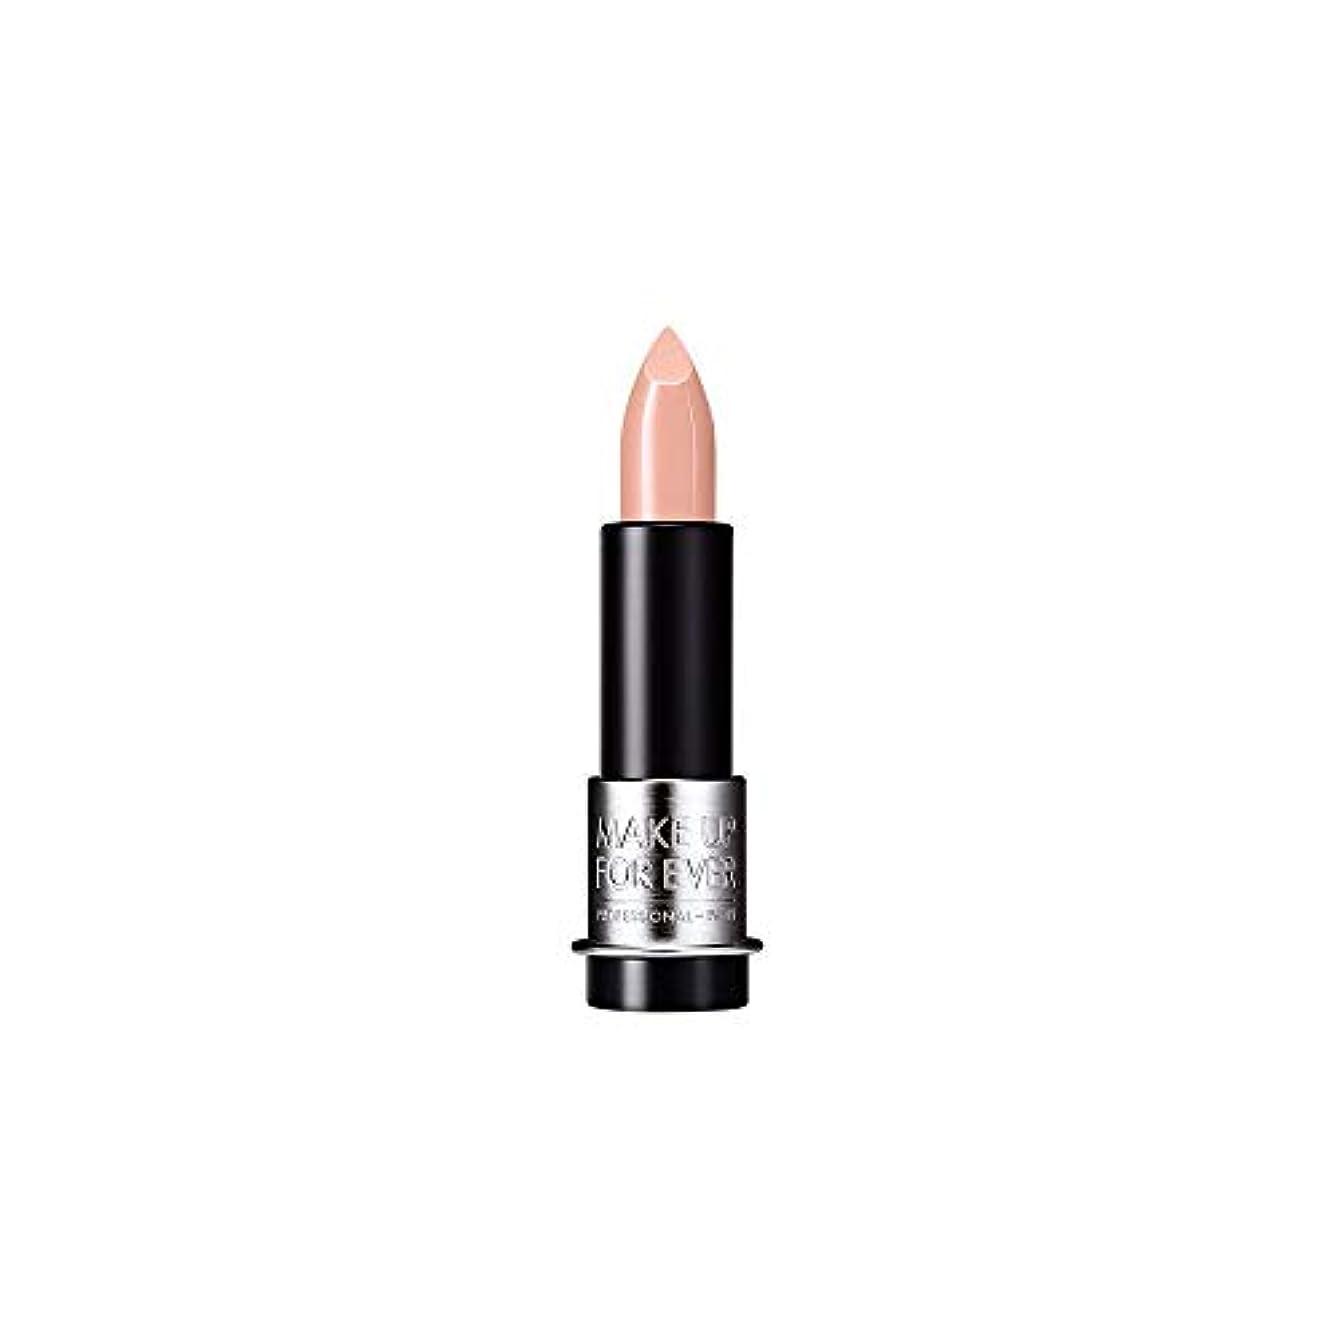 リズミカルな火かまど[MAKE UP FOR EVER] ヌードベージュ - これまでアーティストルージュクリーム口紅3.5グラムのC103を補います - MAKE UP FOR EVER Artist Rouge Creme Lipstick...